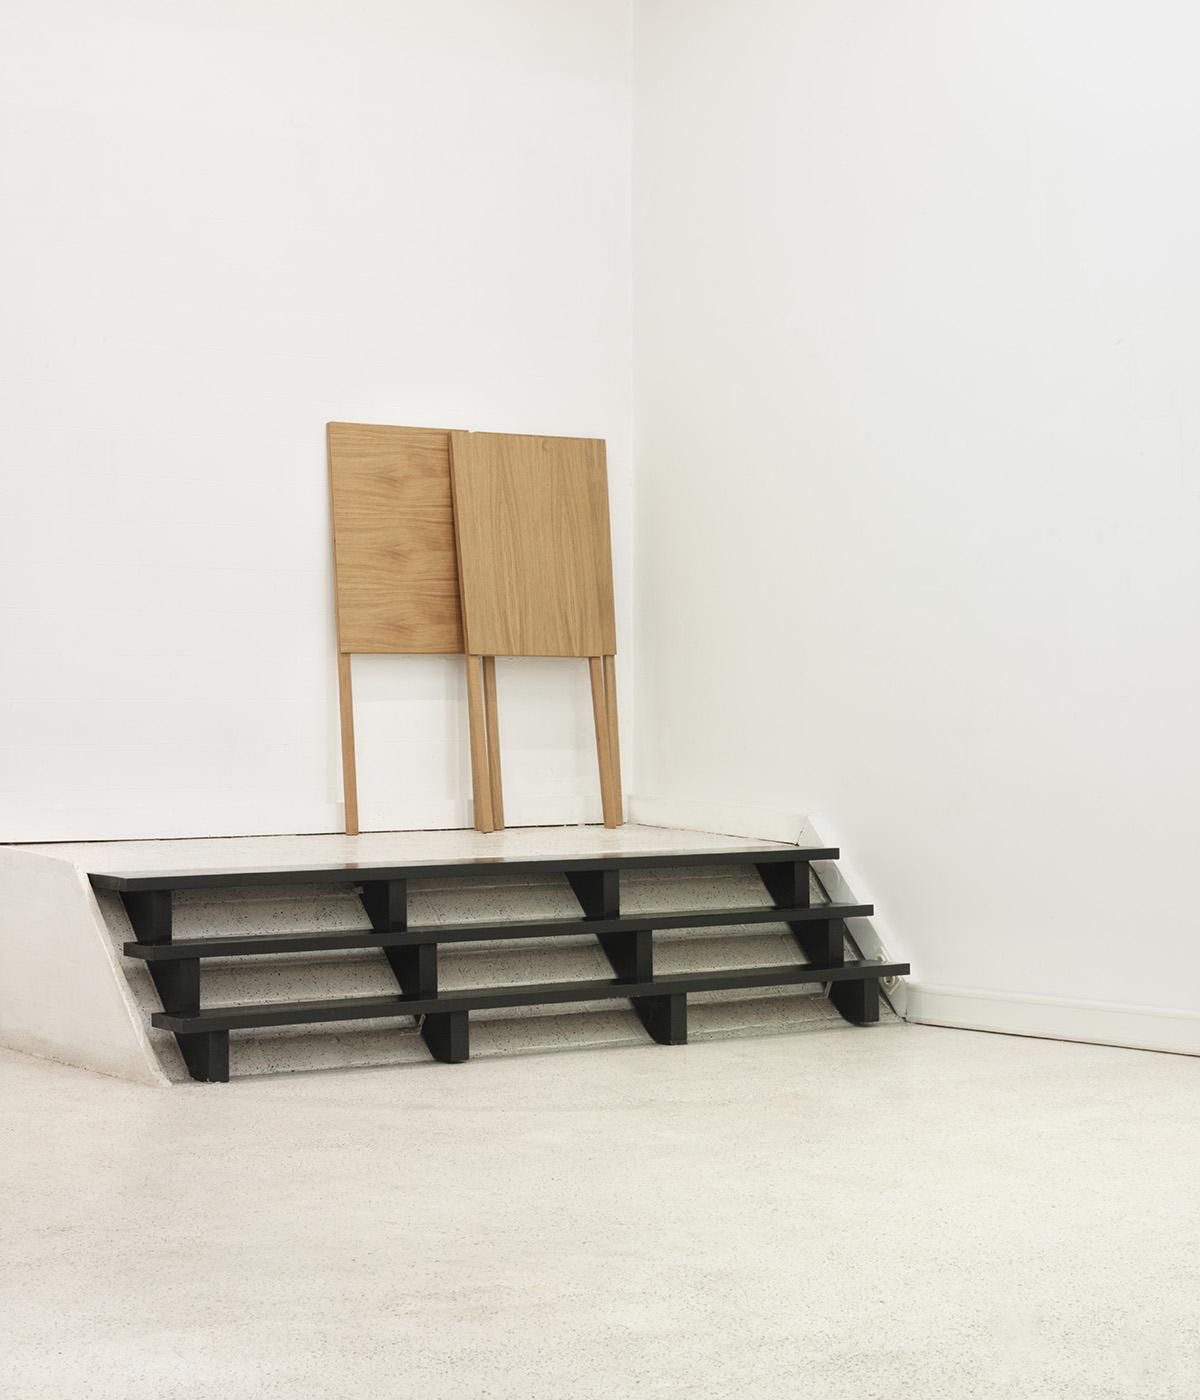 Pio Rahner, die edlen Hintergründe der Wahlwerbung, 2010, Kunst im öffentlichen Raum, Essen, Folkwang, Pluta, Elsässer, Felix Gienger, Diane Artus,